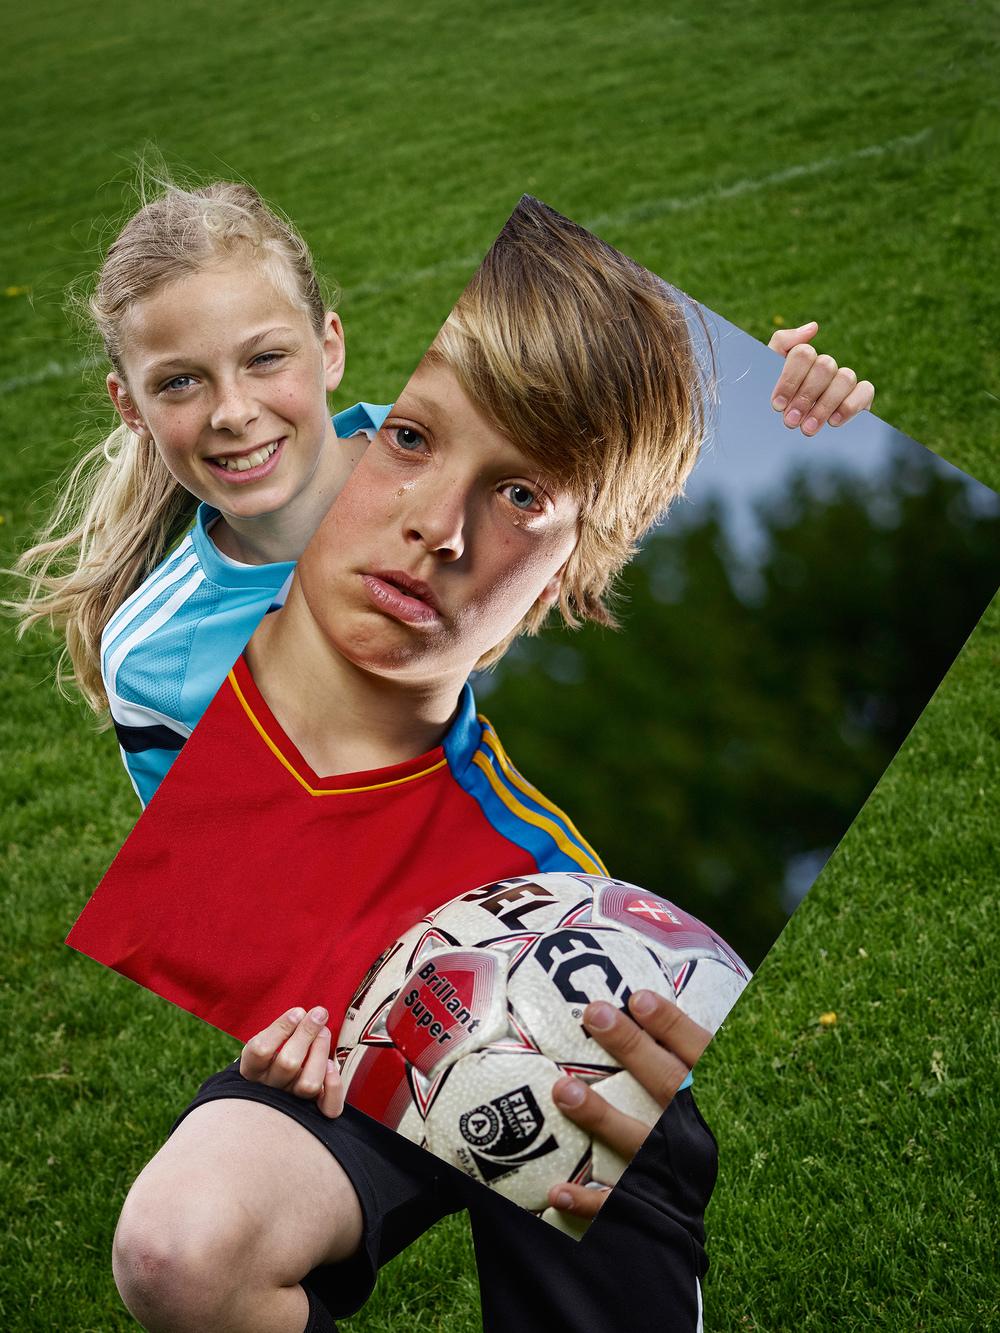 Therese Thastum der er en af de andre modeller på fairplay-plakterne, viser her billedet med Thøger.